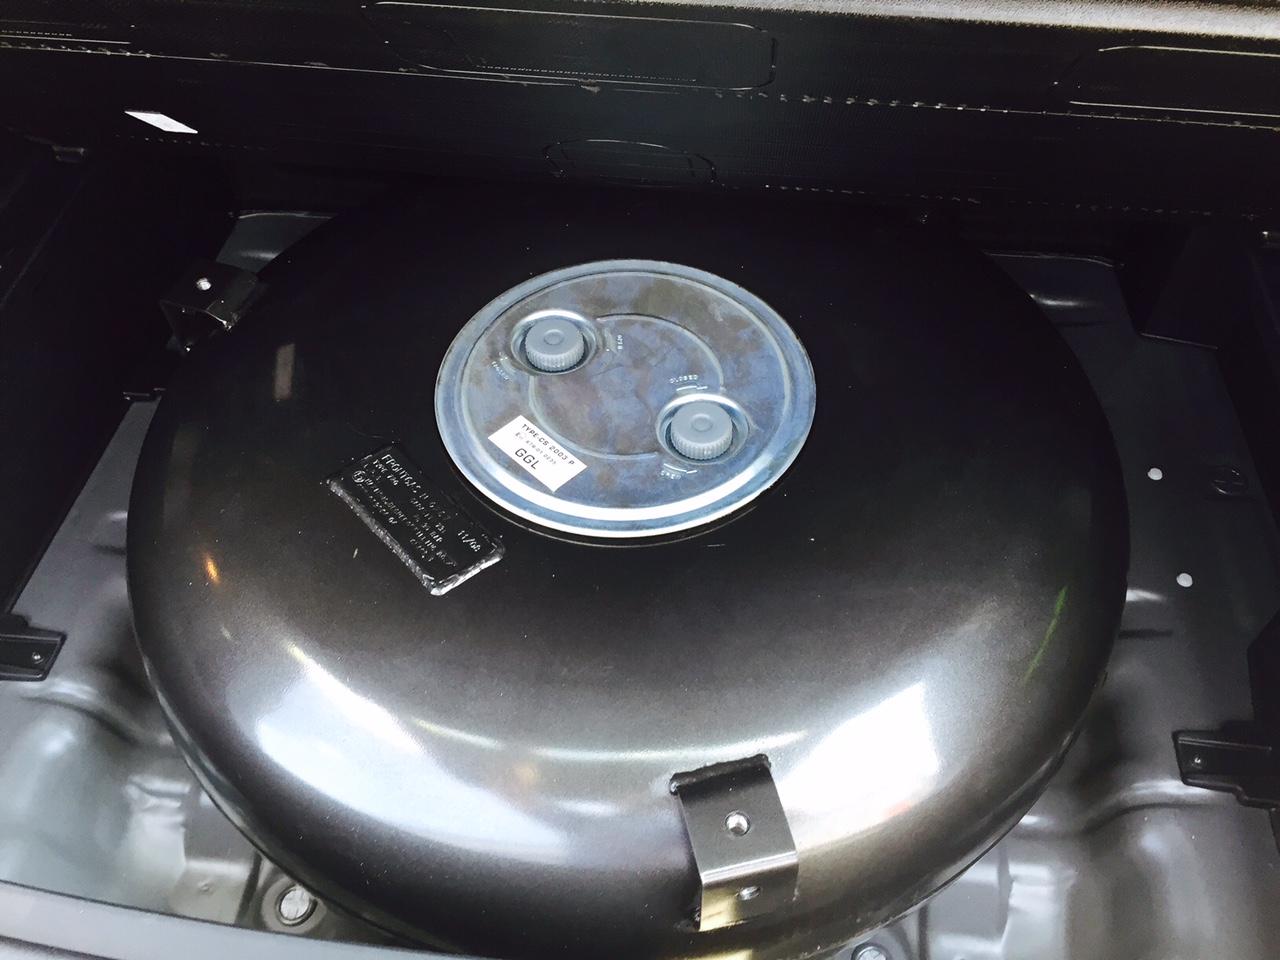 frontgas-autogas-umbau-lpg-hyundai-ix35-16-direkteinspritzer-verkaufsbild-autogasumruesstung-6